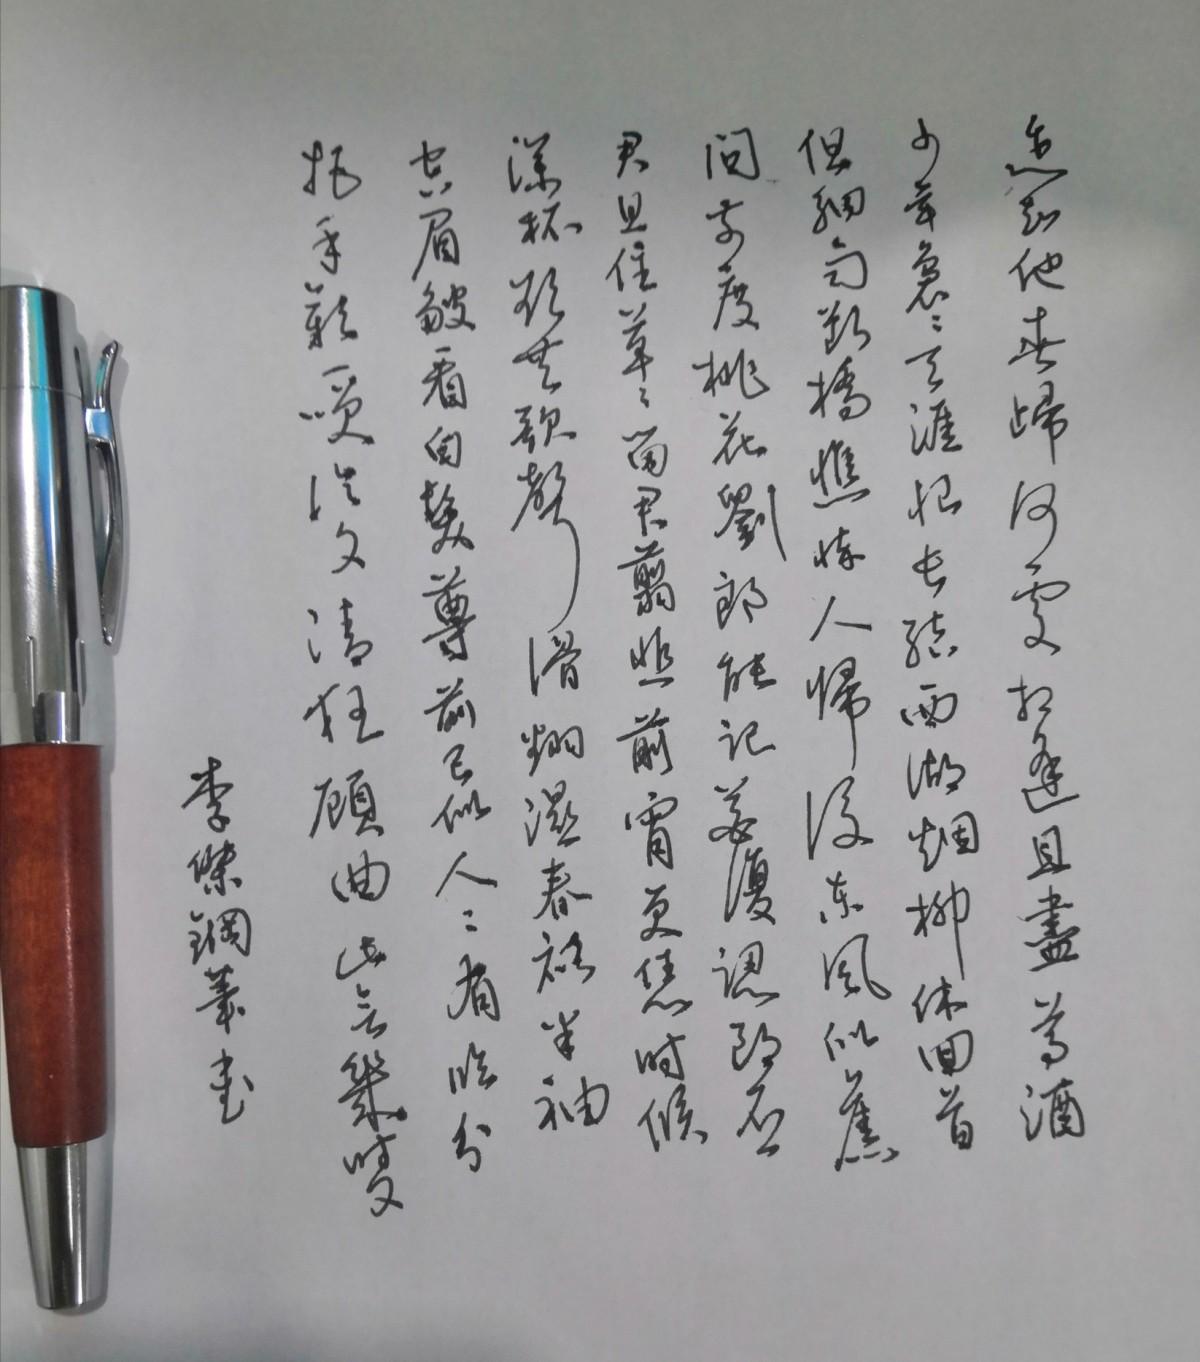 钢笔书法练字打卡20211012-10